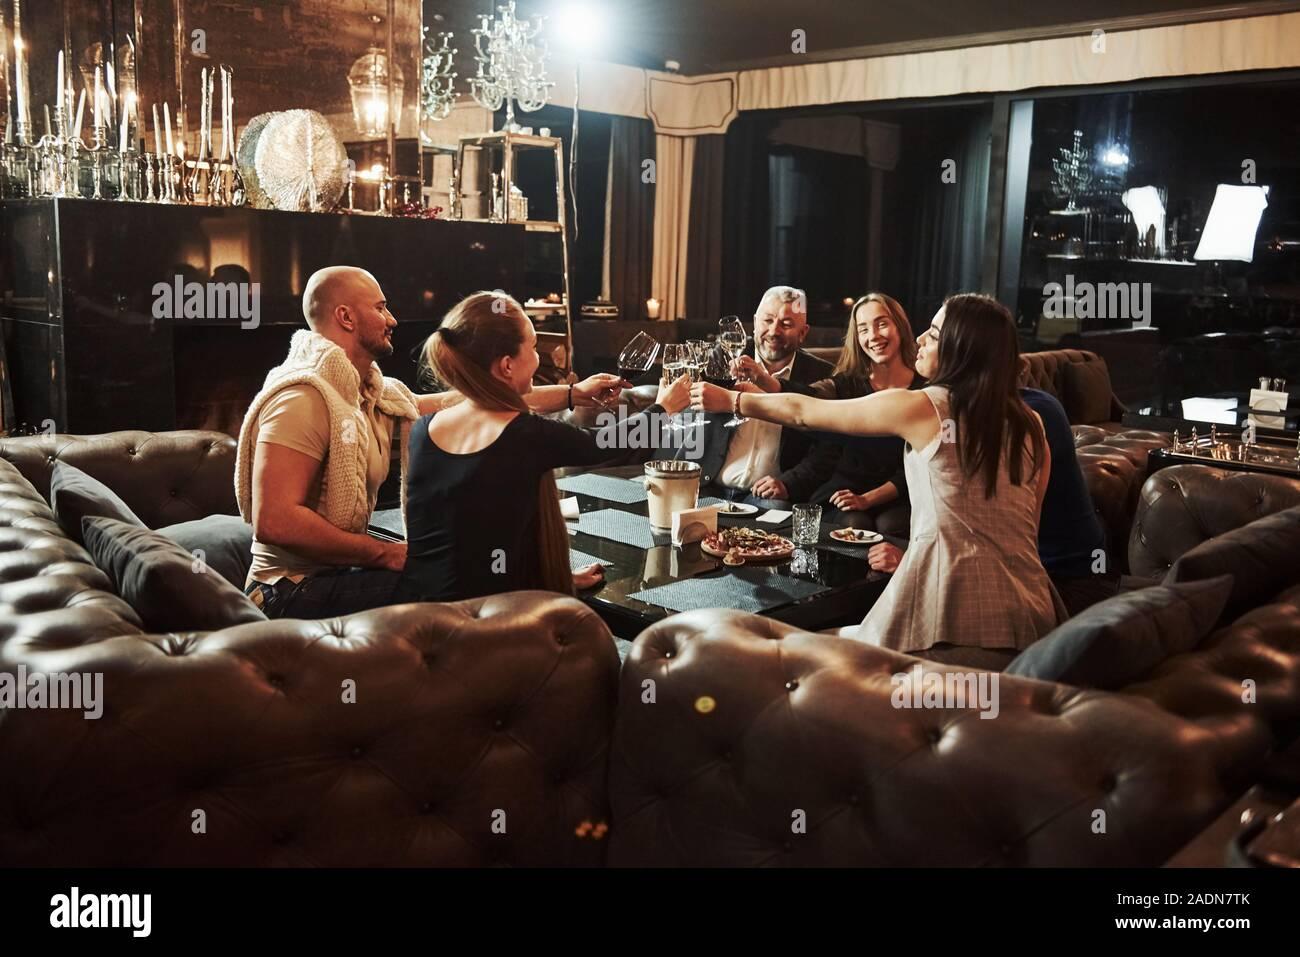 Amis de la famille ont de belles soirée près de la cheminée dans le restaurant moderne de luxe Banque D'Images